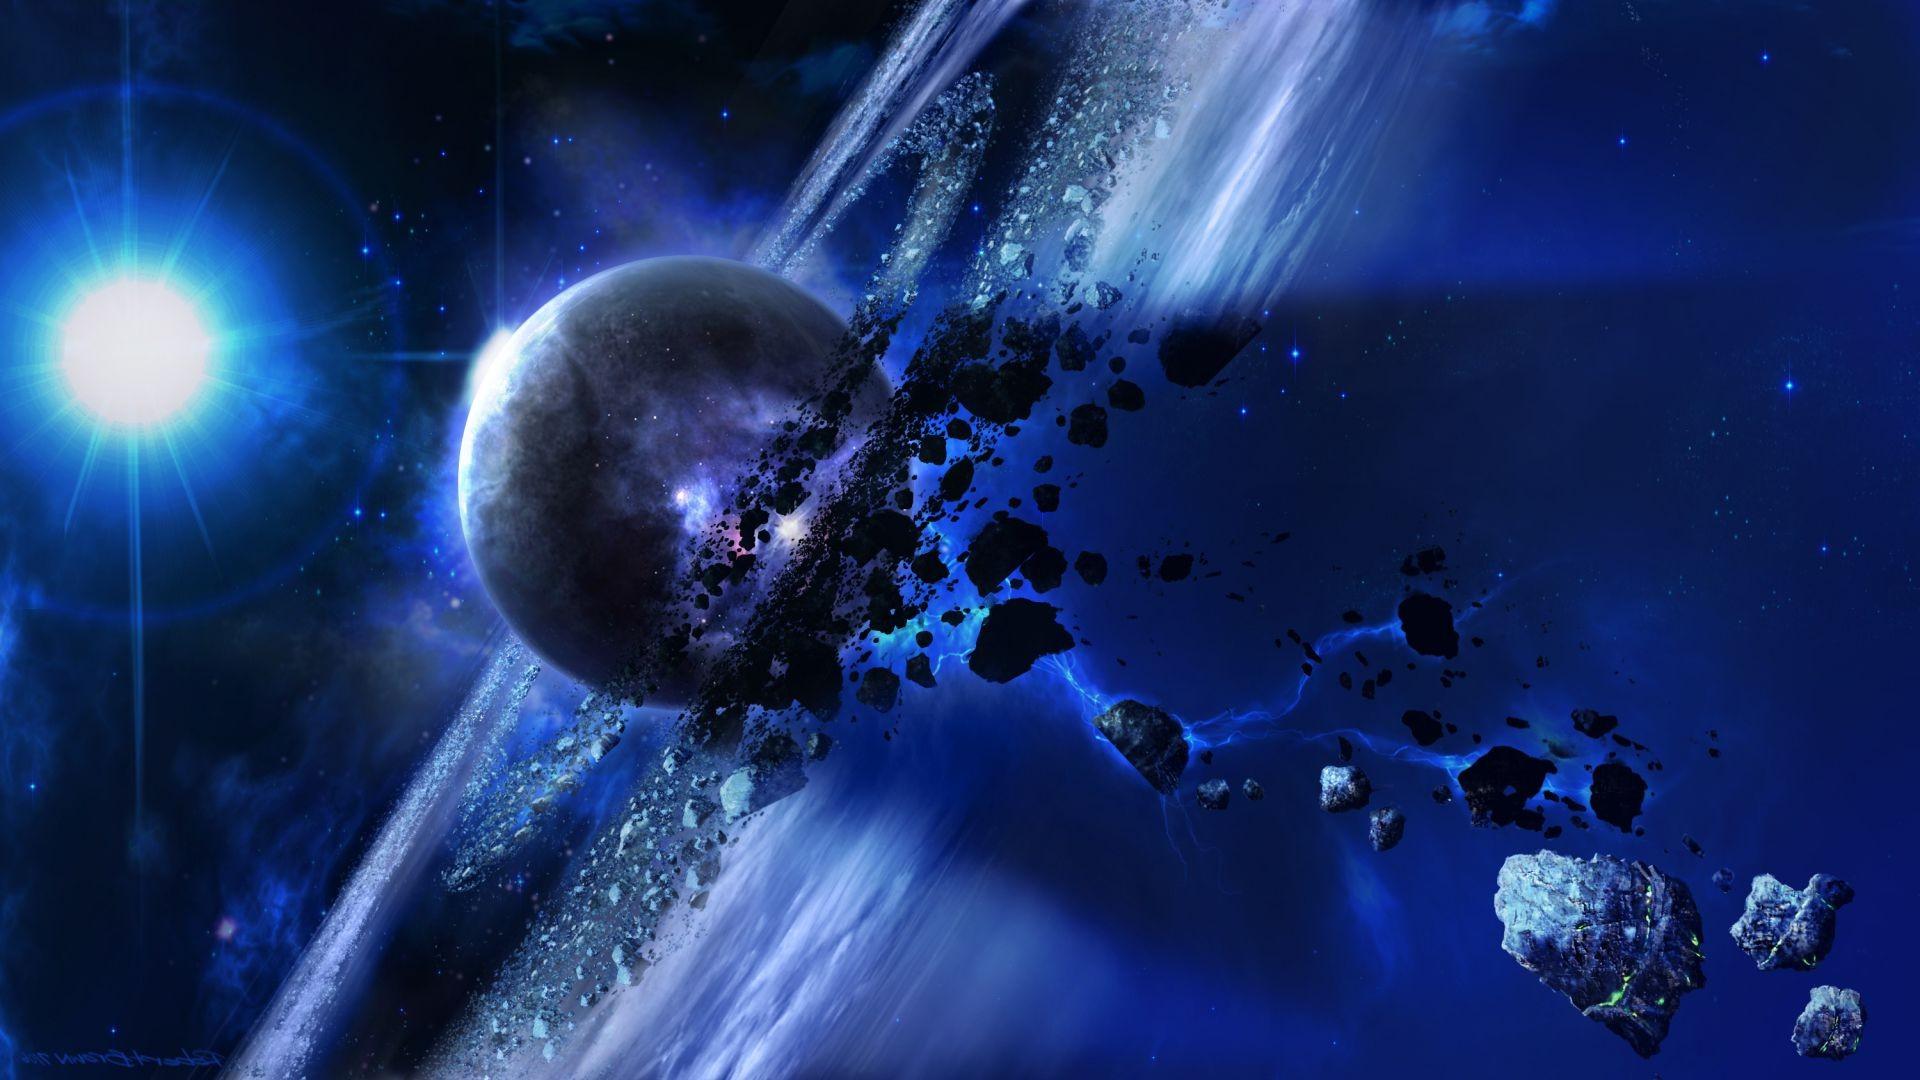 картинка планет на рабочий стол использует своей работе